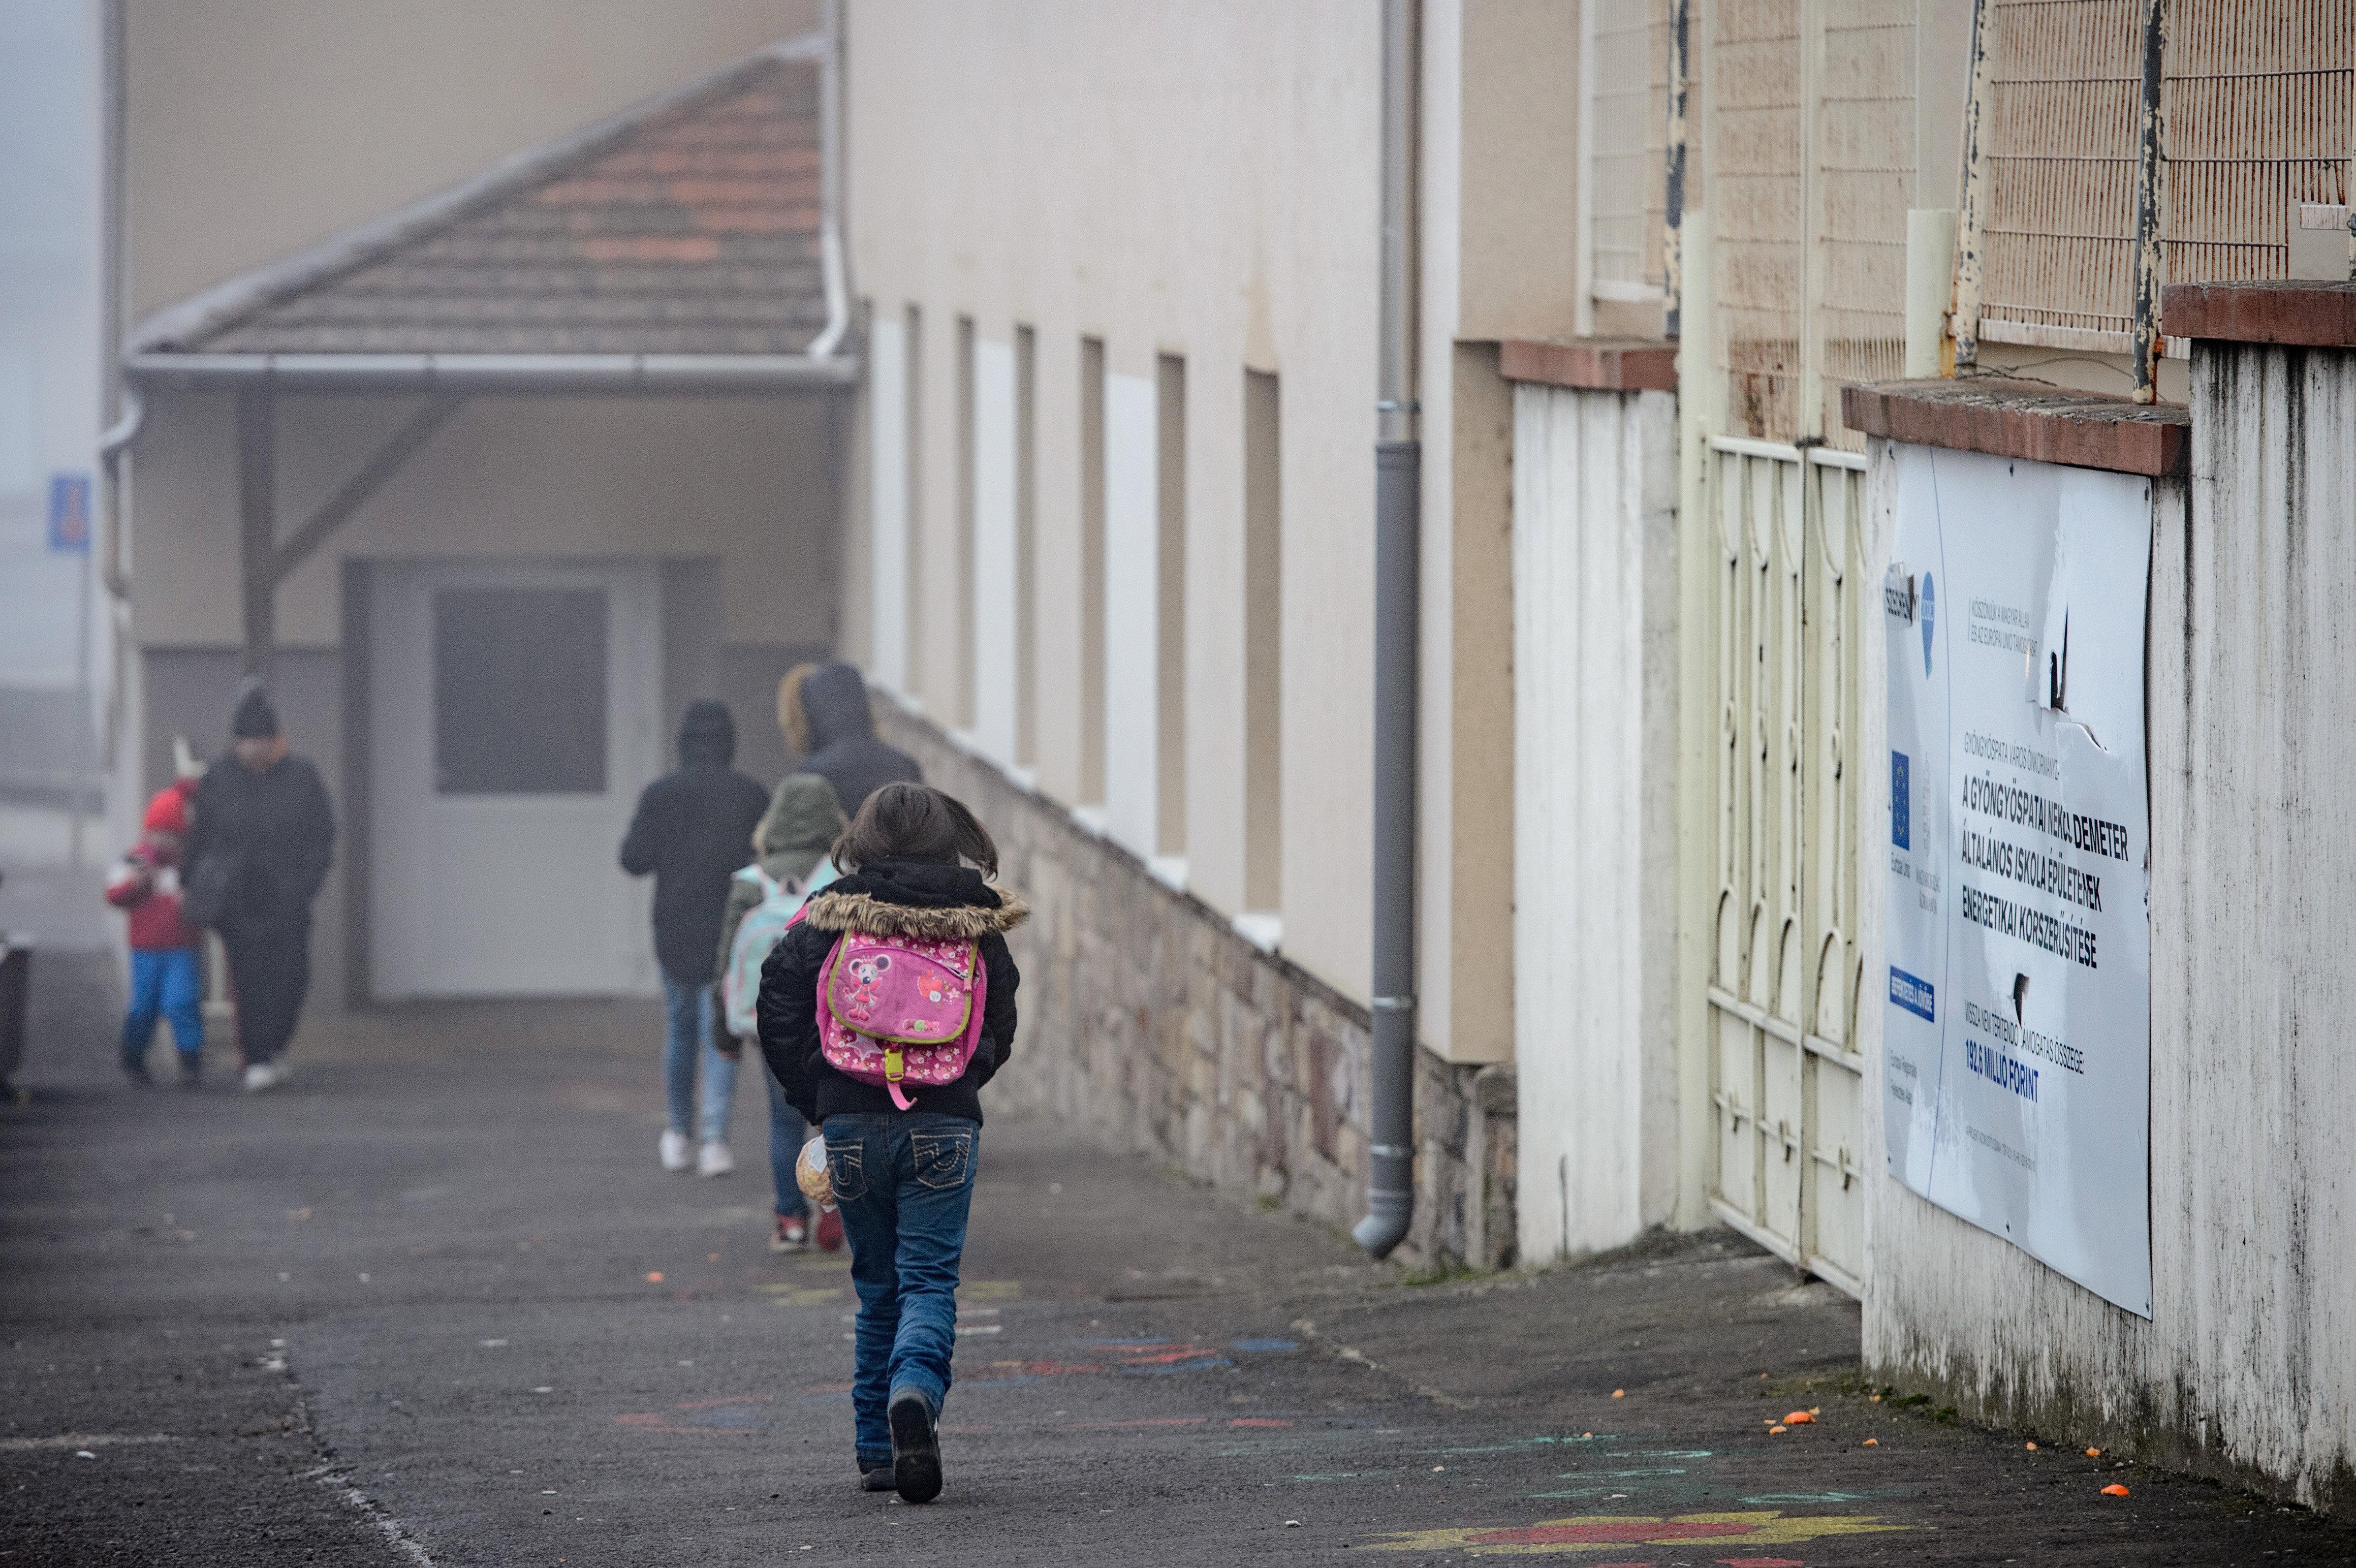 Tömegével esnek ki hátrányos helyzetű gyerekek az oktatásból, civilek és tanodák válságkezelést sürgetnek